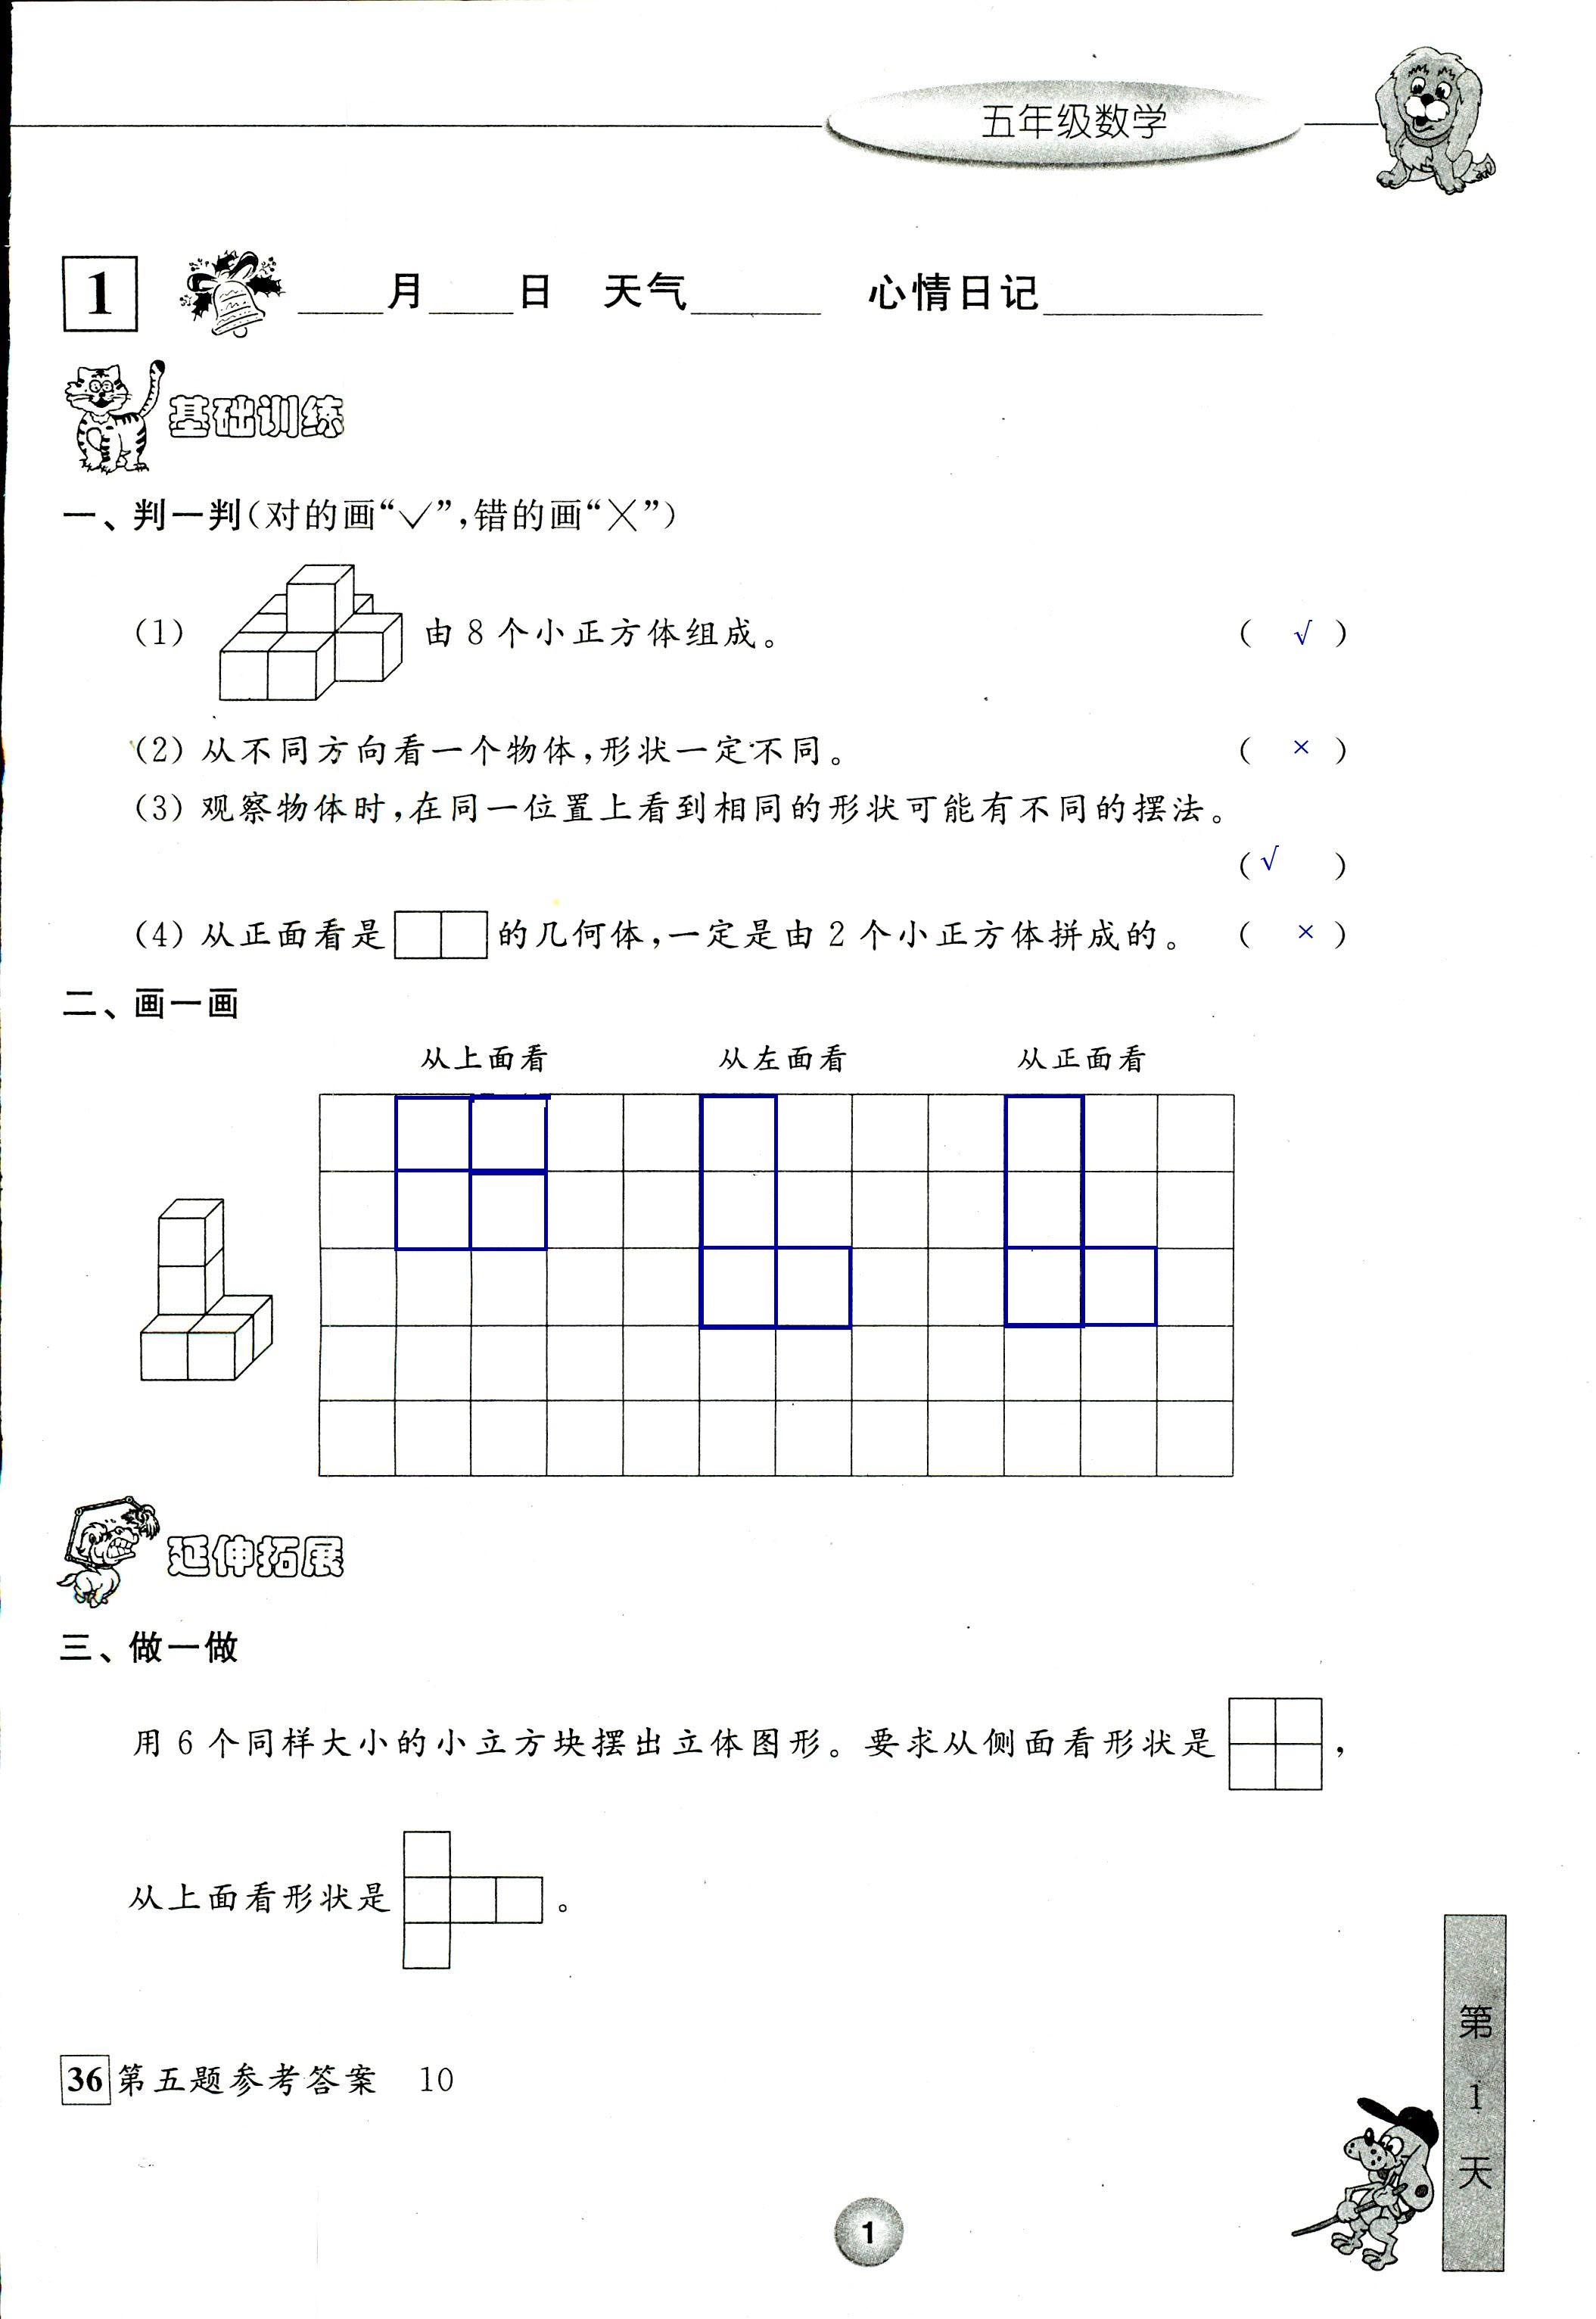 2020年蓝天教育暑假新时空中国和平出版社五年级数学第1页